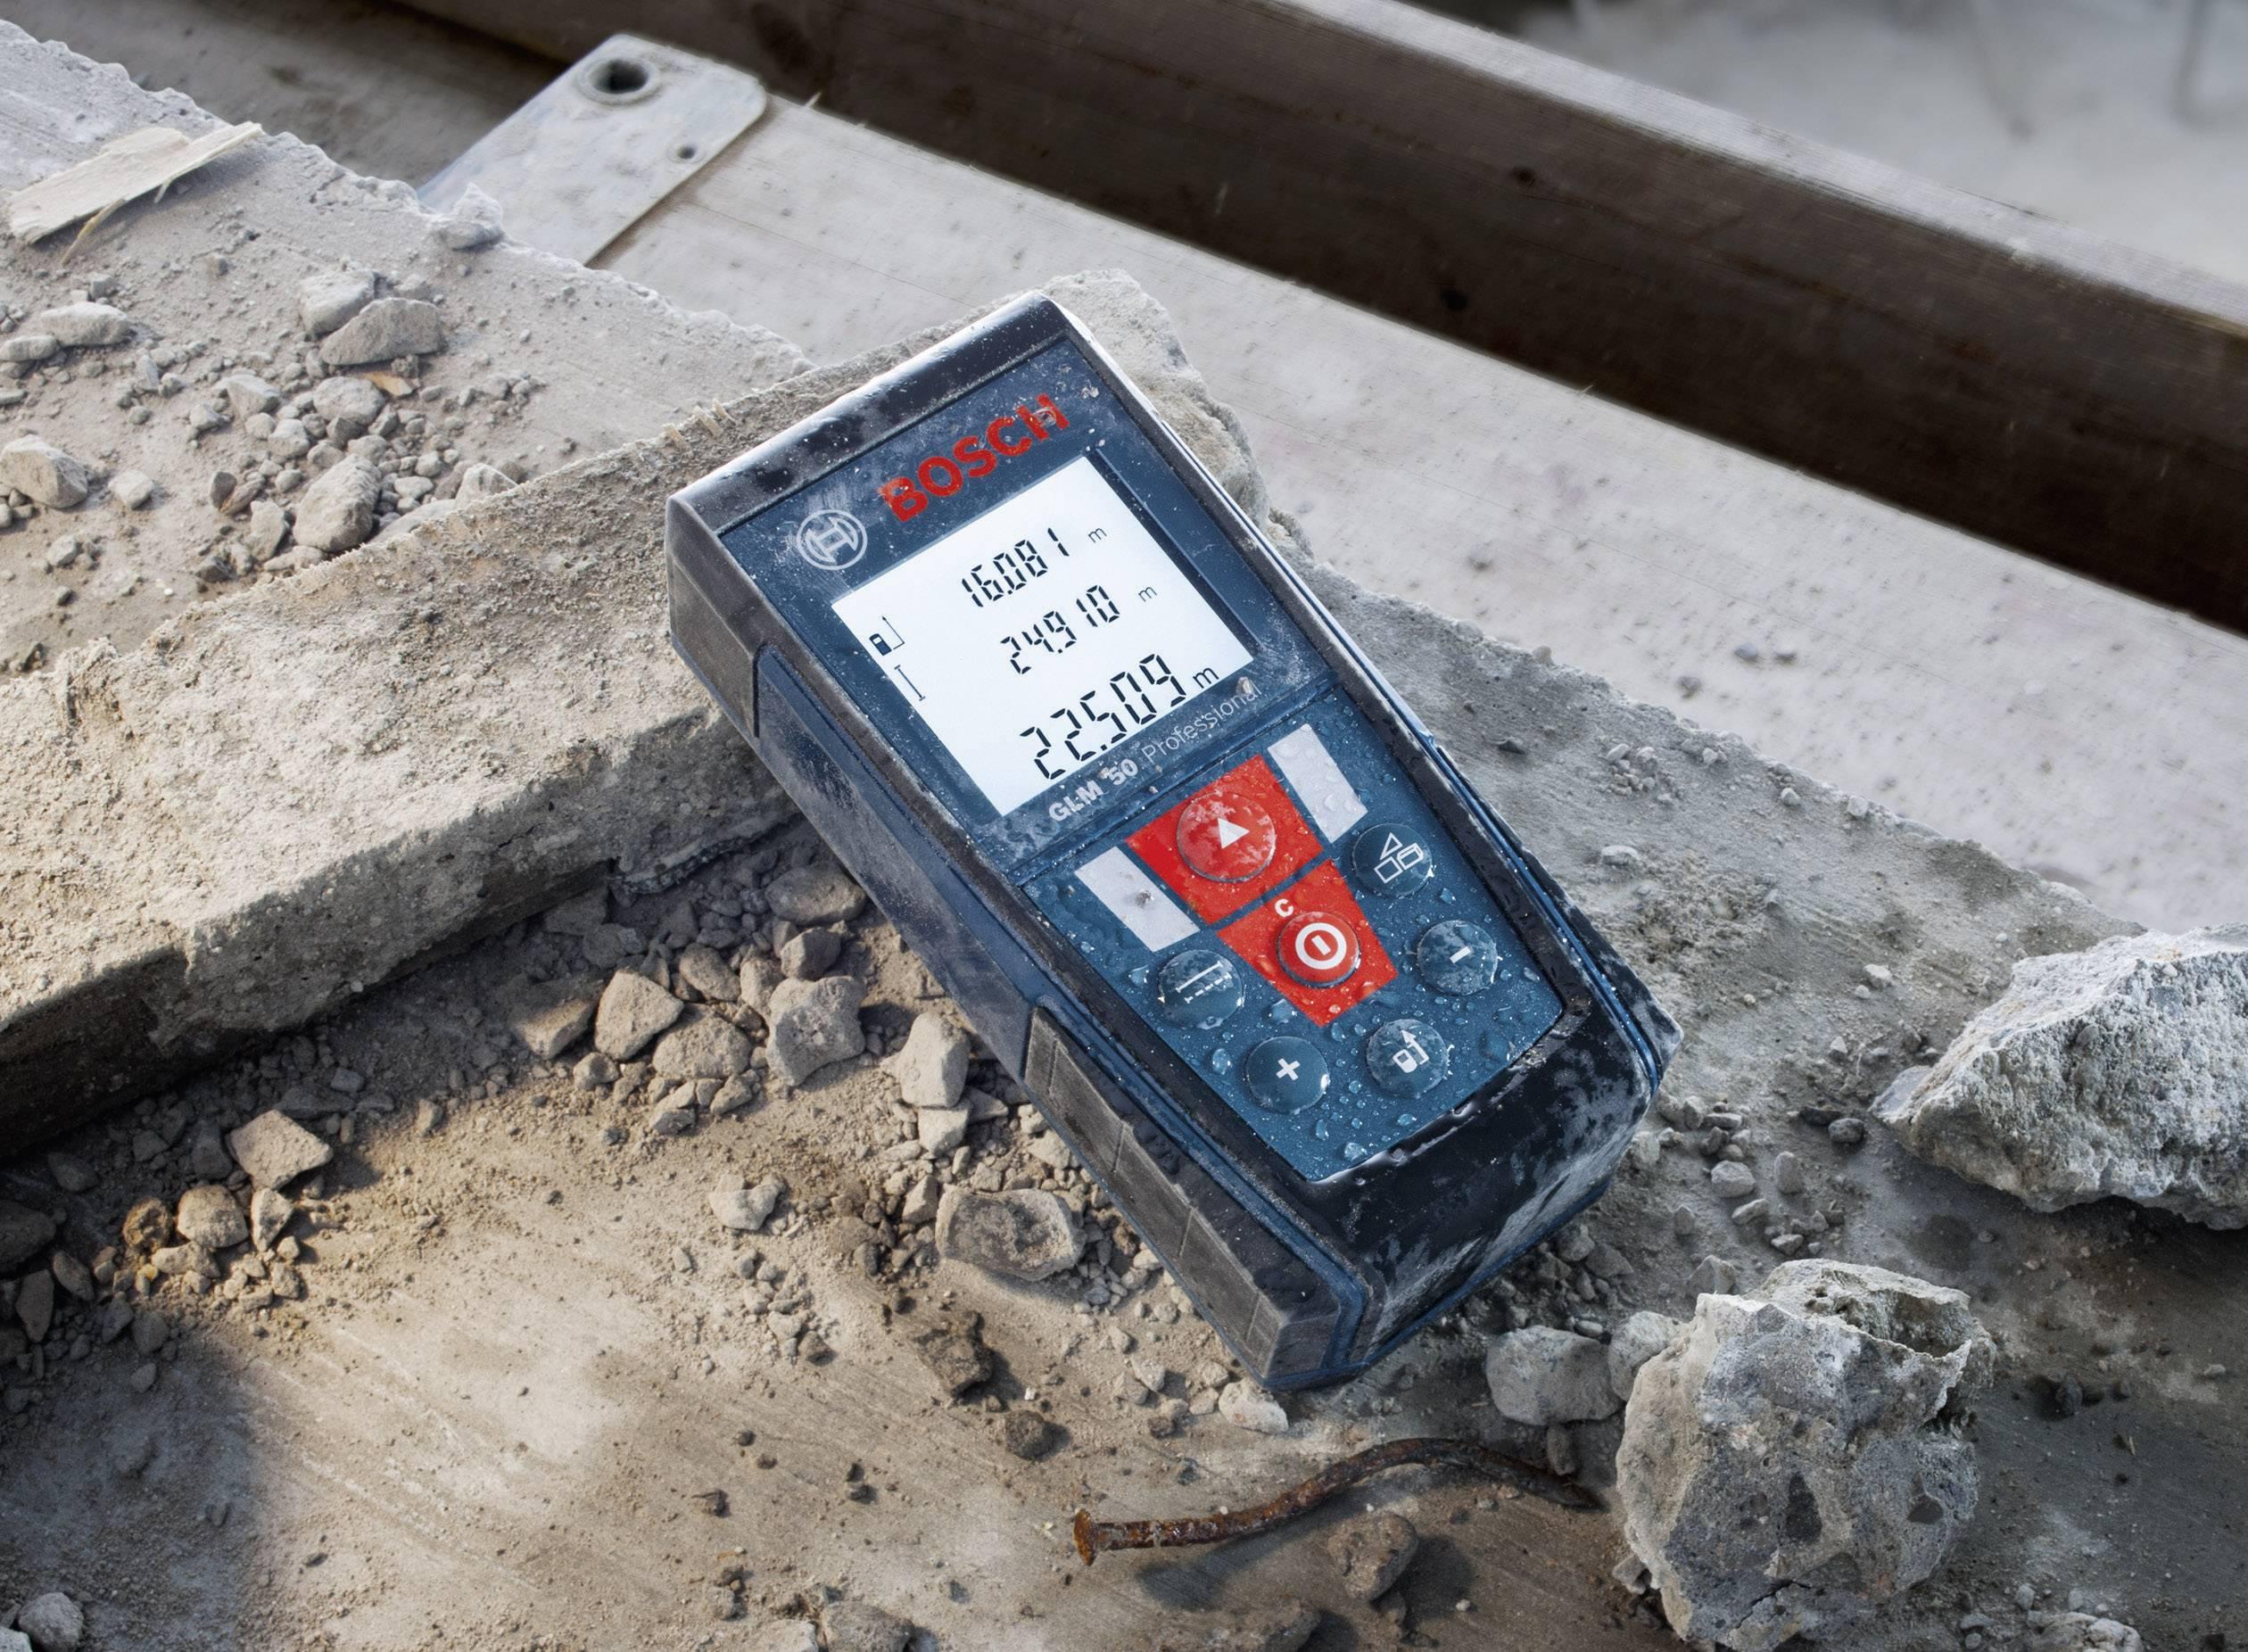 Bosch Entfernungsmesser Glm 50 C : Bosch glm laser entfernungsmesser